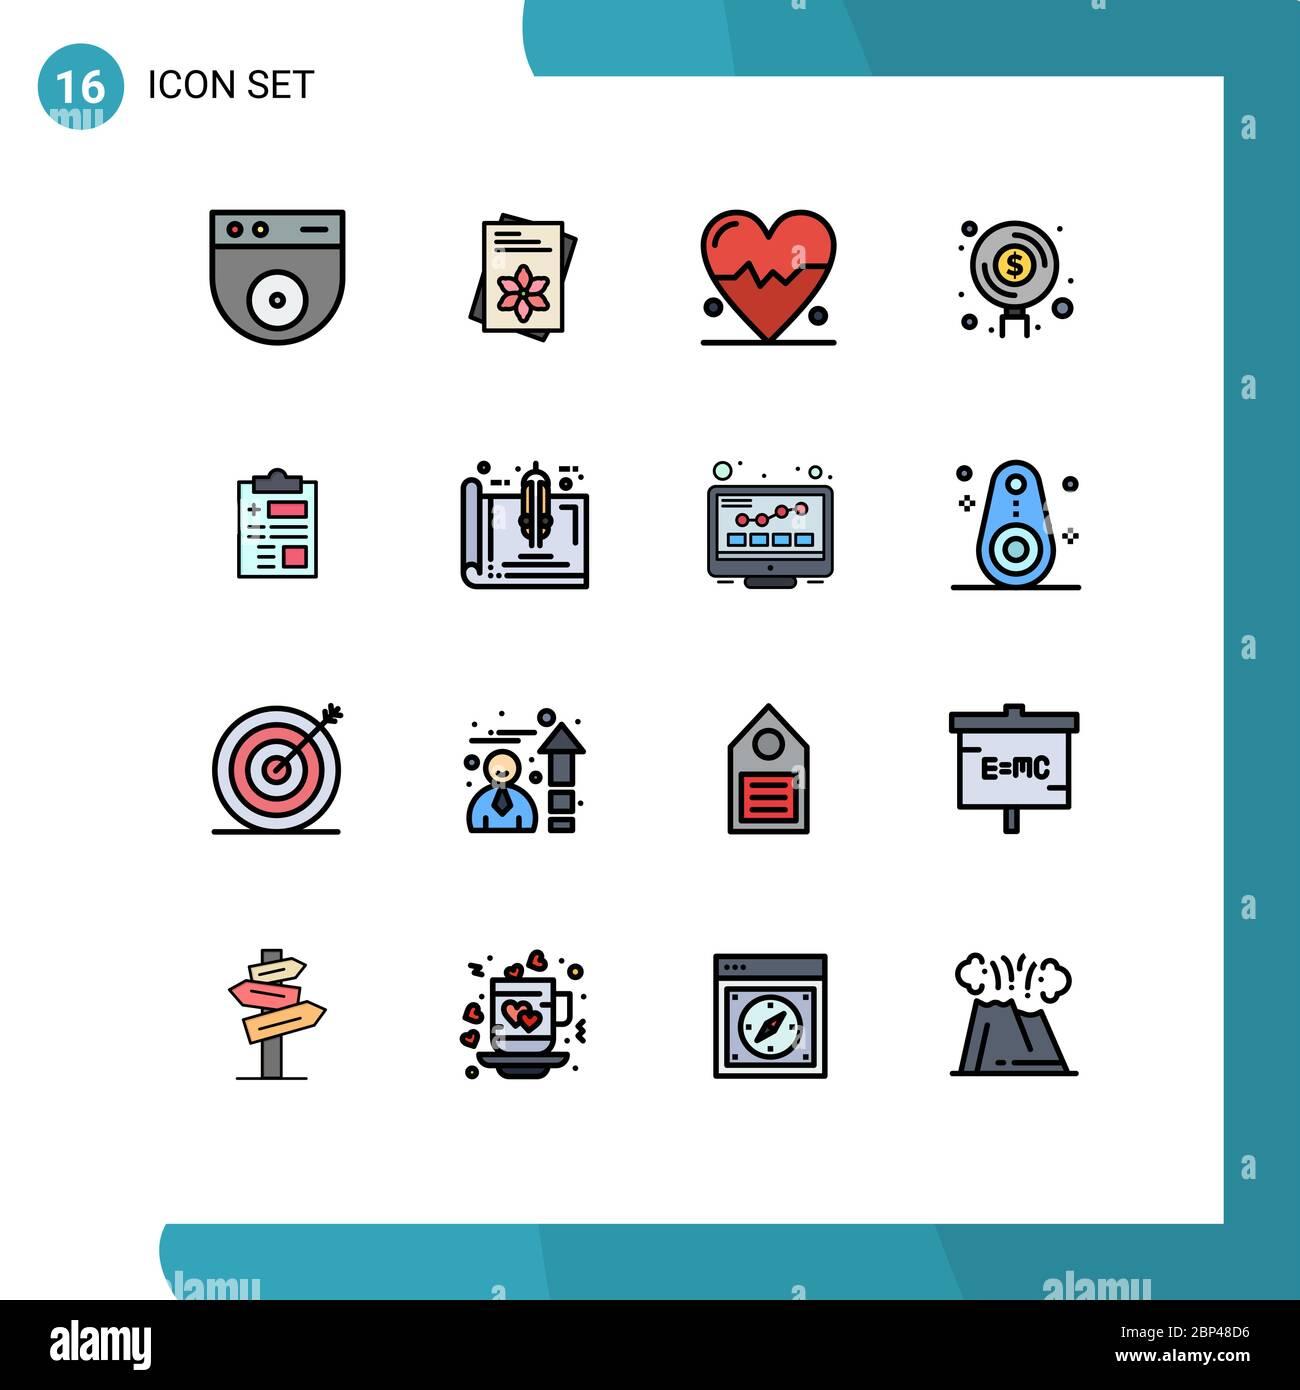 16 Universal Flat Color gefüllte Linien Set für Web und Mobile Anwendungen Gesundheit, Bericht, Herz, Geld, Fonds editierbar Kreative Vektor Design-Elemente Stock Vektor